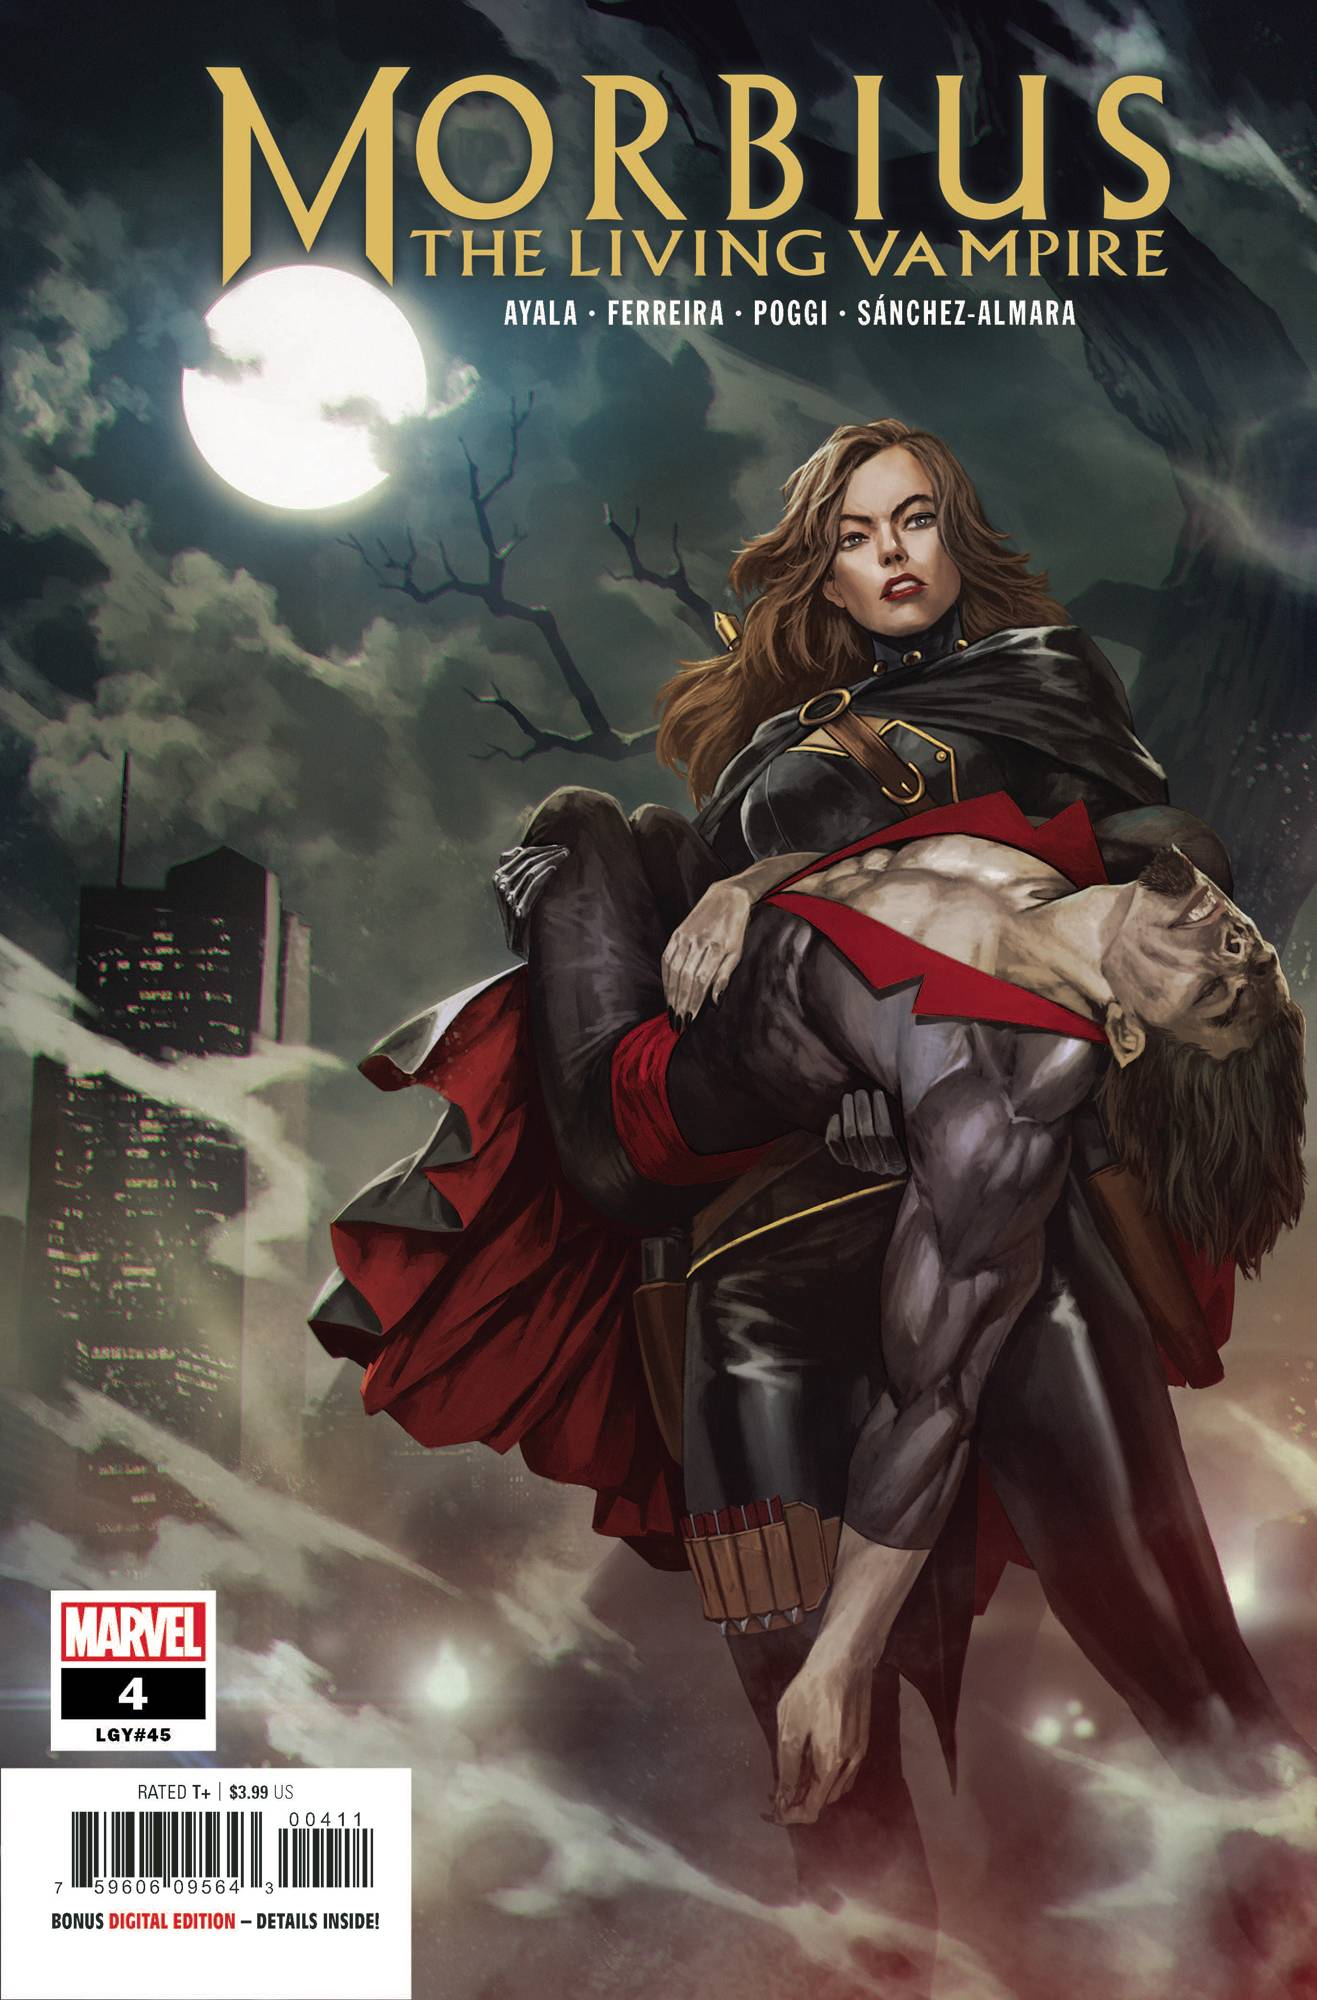 Morbius #4